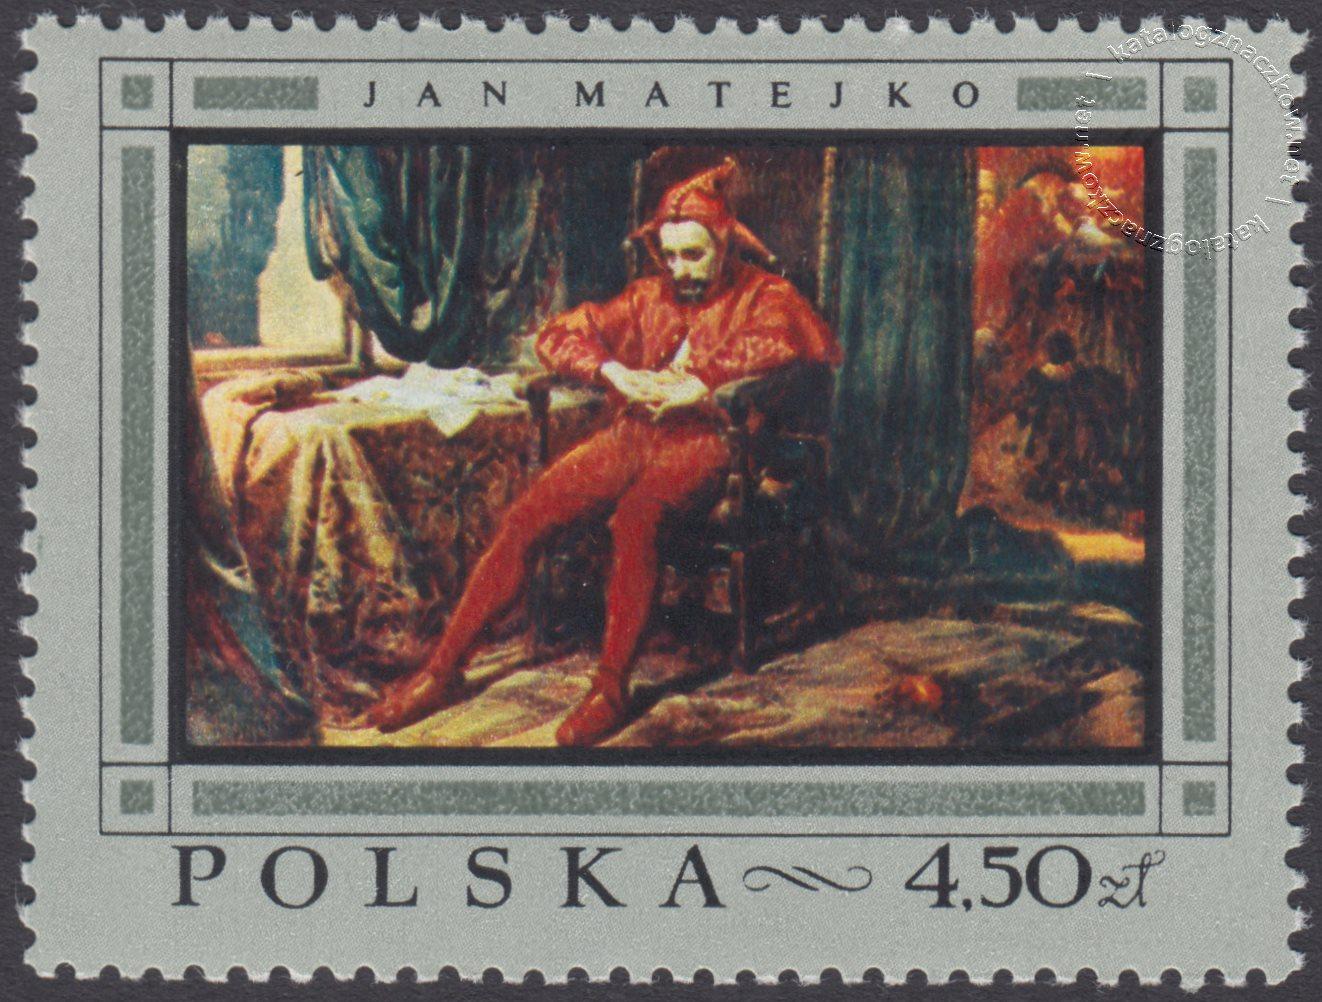 Malarstwo polskie znaczek nr 1722